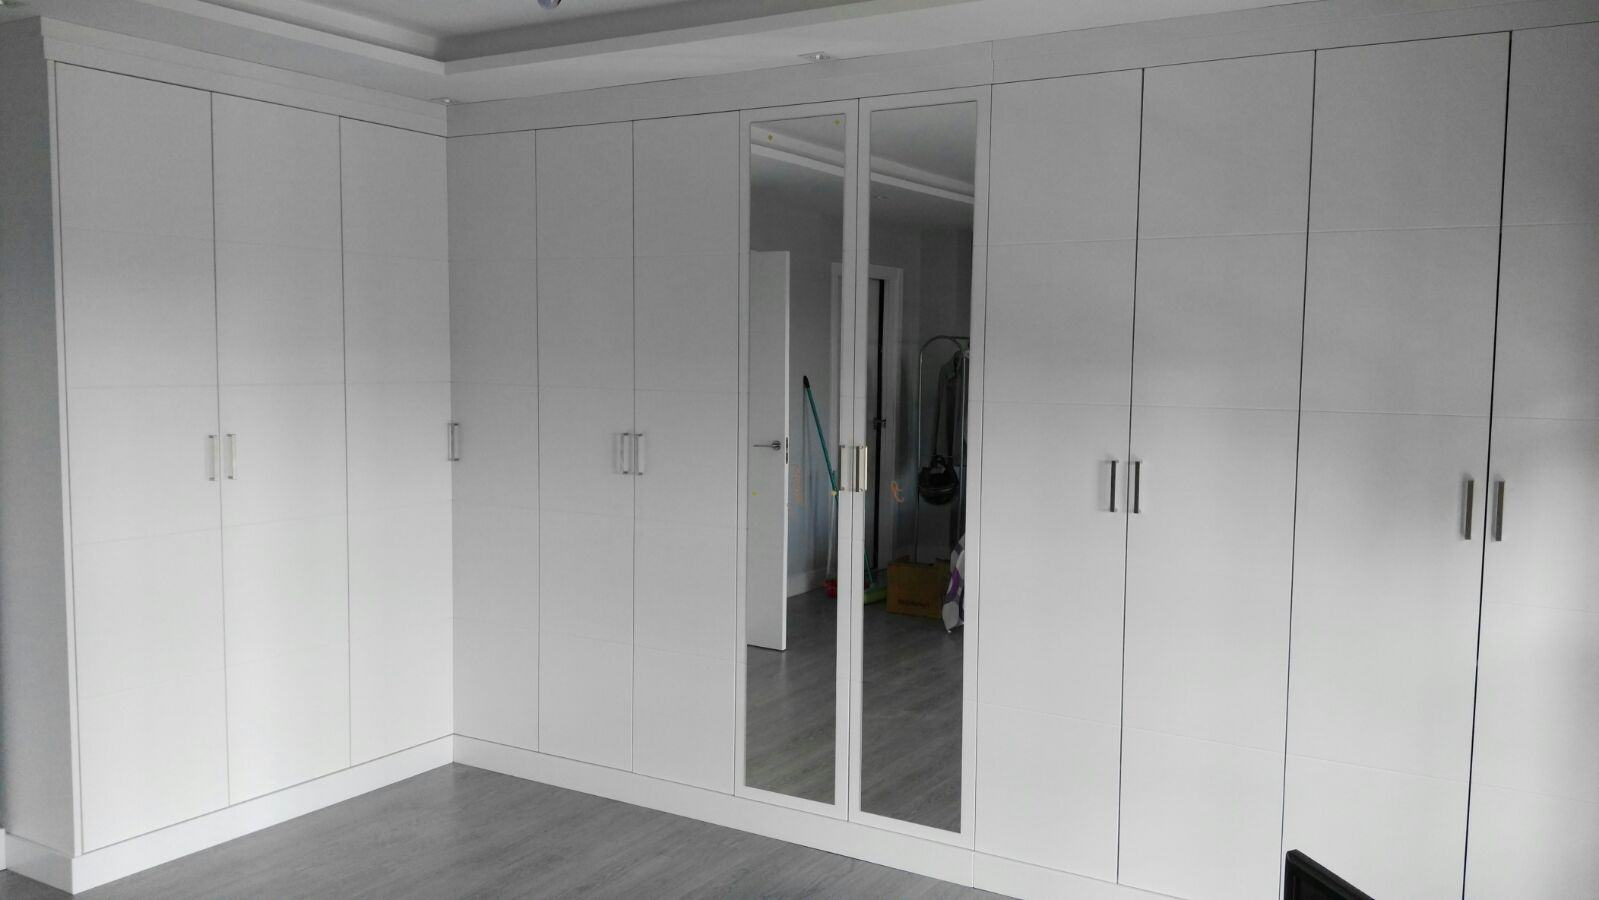 Armarios para dormitorios a medida muebles mudeval - Armarios para dormitorios ...